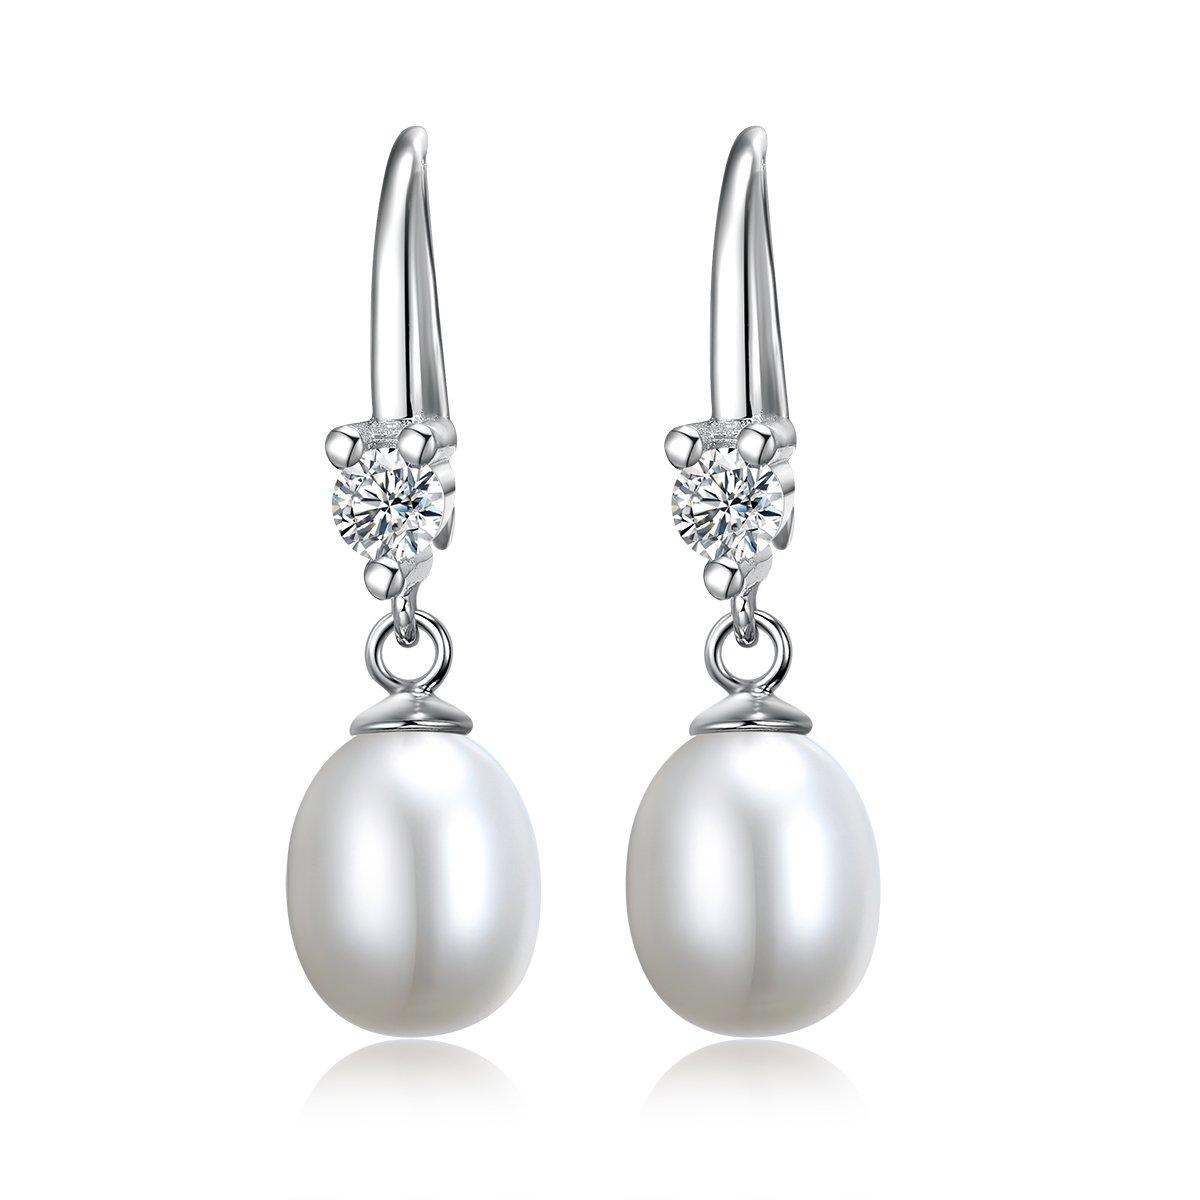 Ensemble collier et boucles d/'oreilles perles /éblouissant cadeau id/éal pour un mariage avec une cha/îne rolo en argent sterling de 45,7 cm un anniversaire, en argent sterling pr/ésent/é dans une bo/îte cadeau